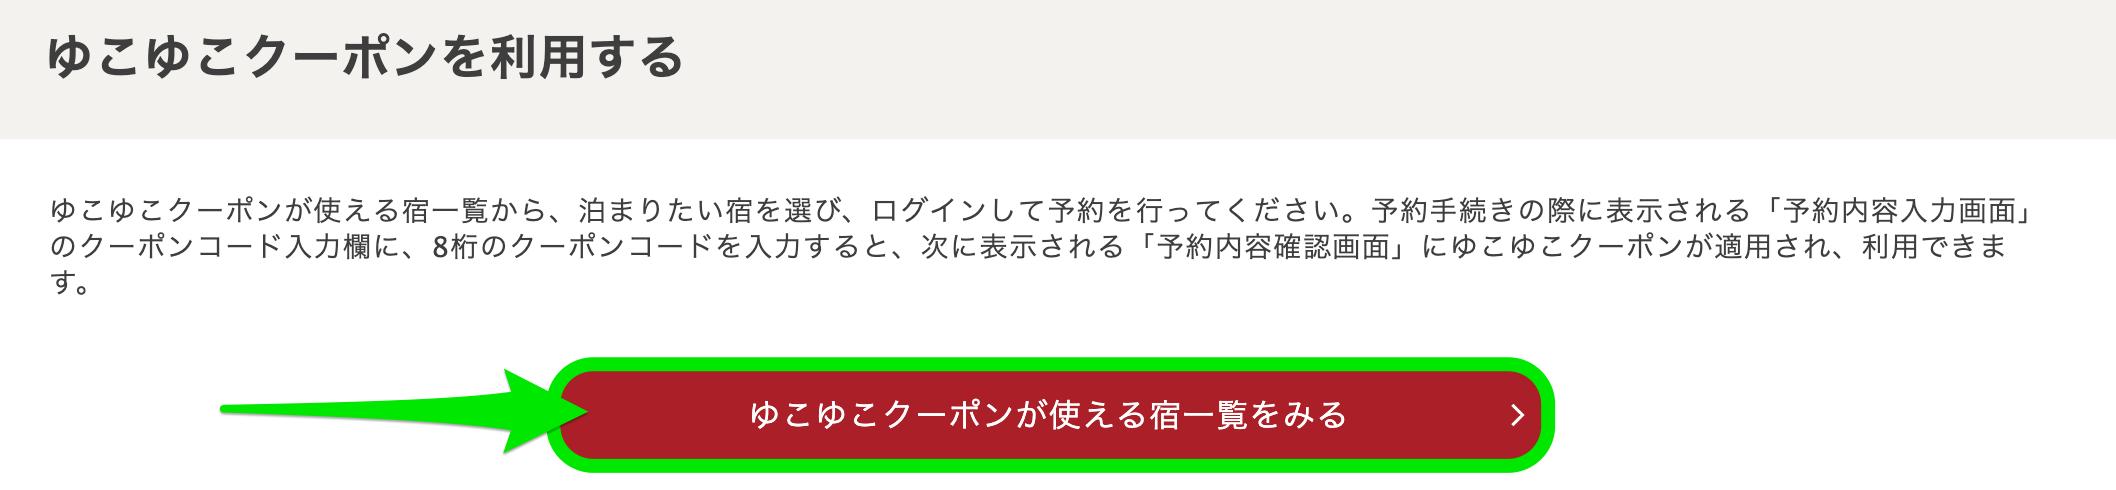 ゆこゆこネットの国内ホテル・宿予約2,000円割引クーポンの使い方